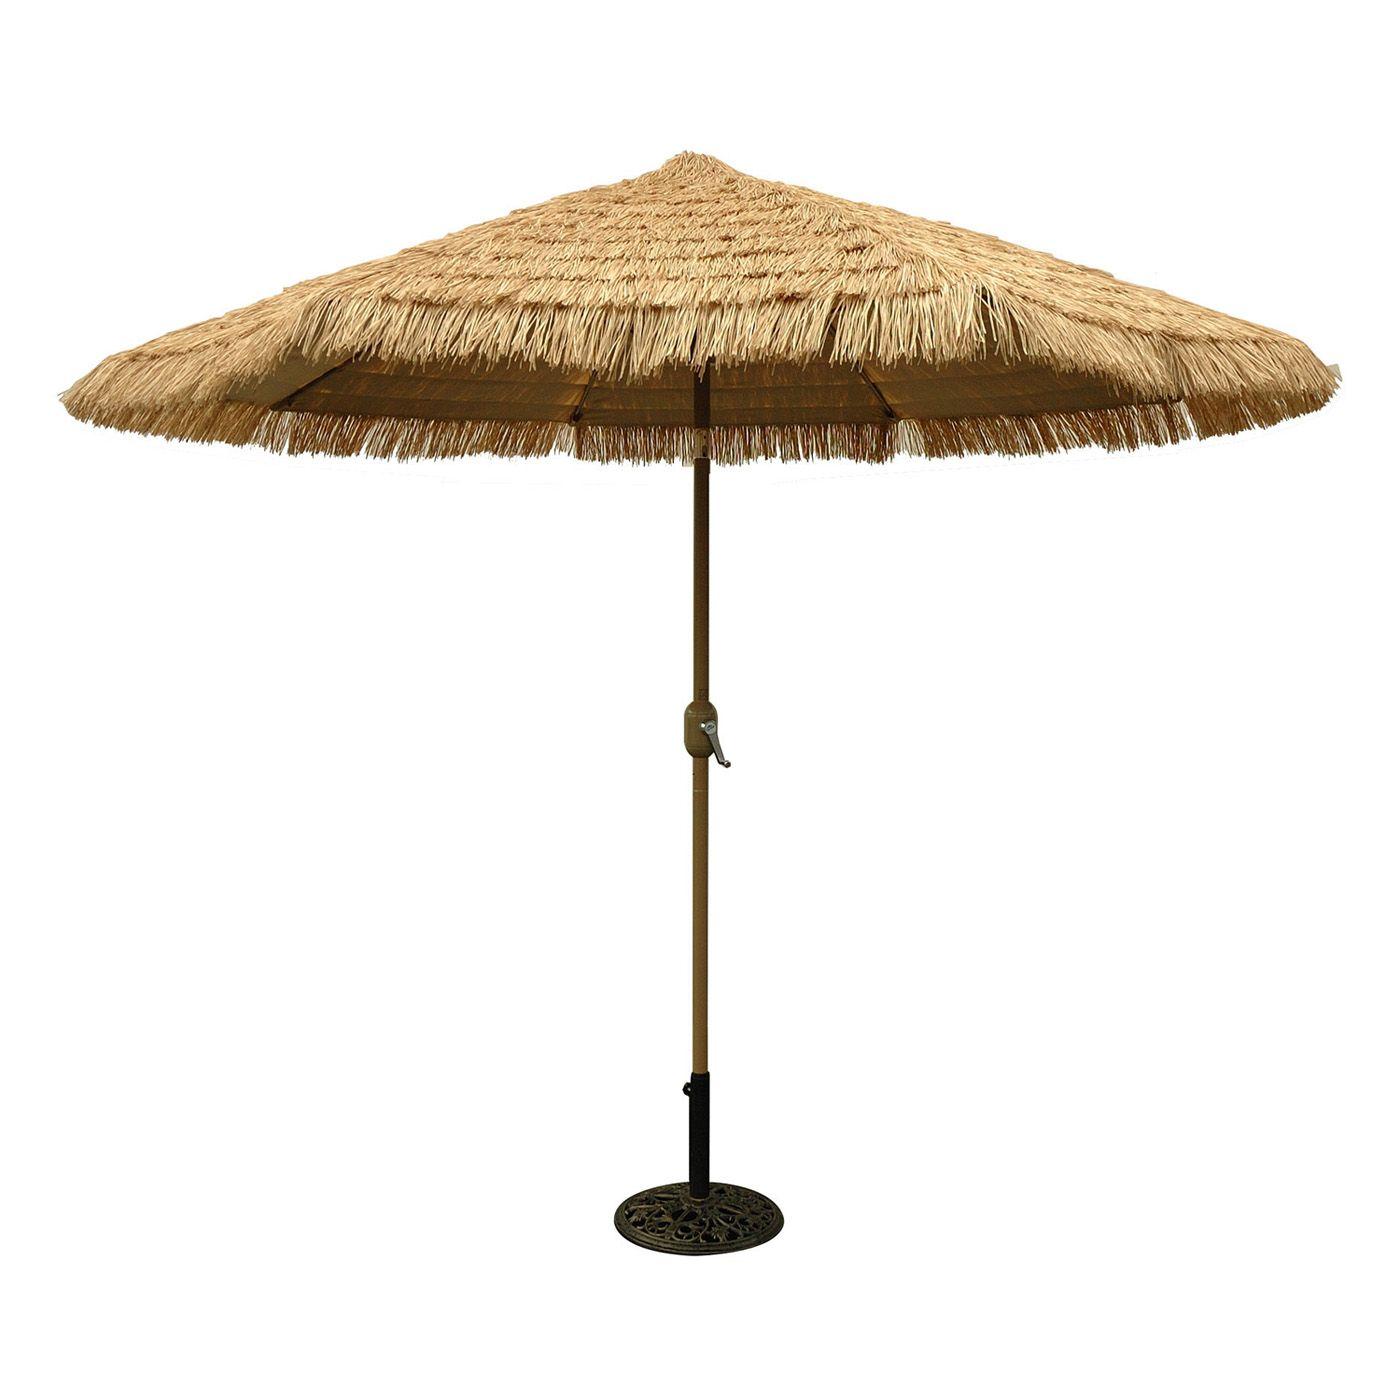 Shop Tropishade 636HC09 9 ft Aluminum Thatch Market Umbrella at